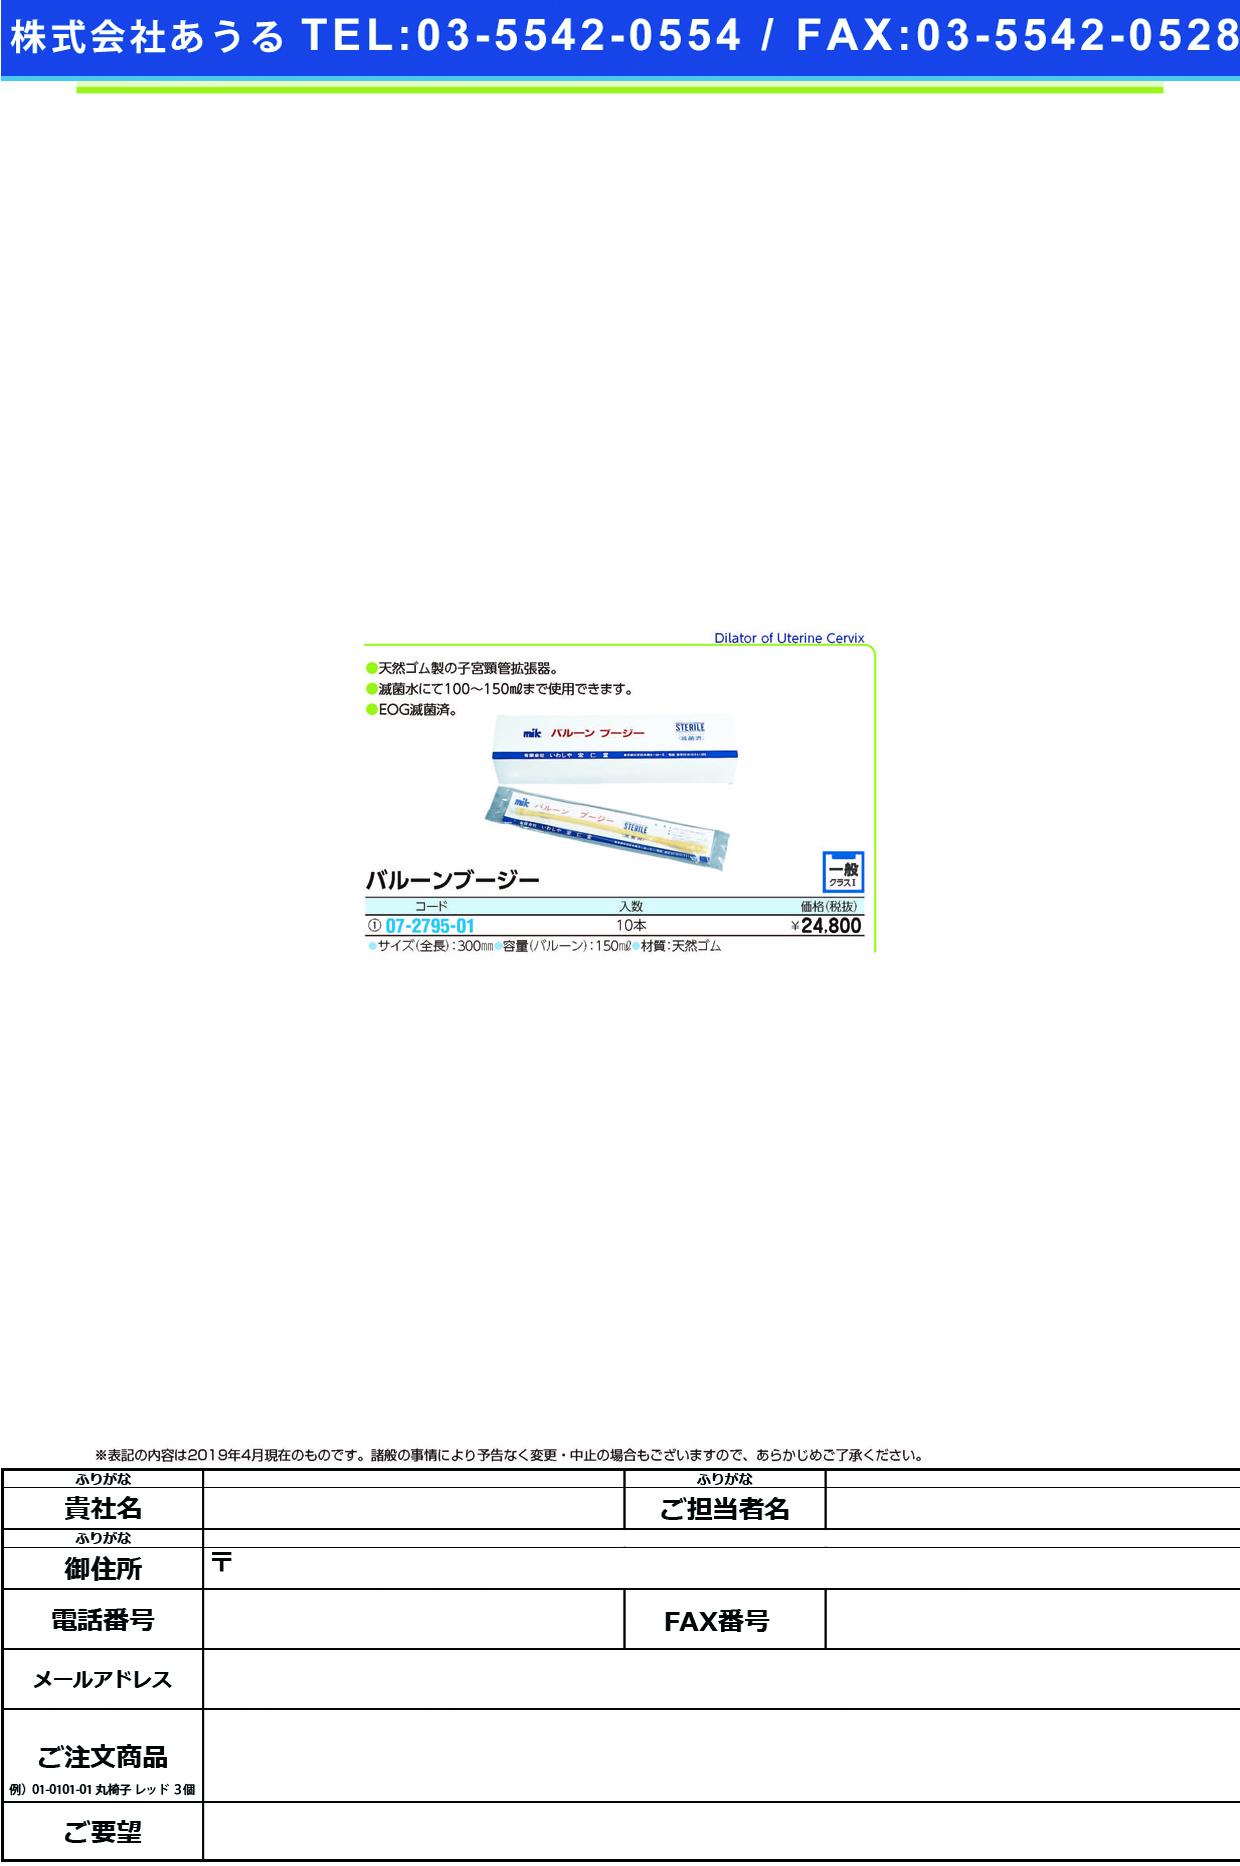 (07-2795-01)バルーンブージー 10ポン/ハコ バルーンブーシー【1箱単位】【2019年カタログ商品】